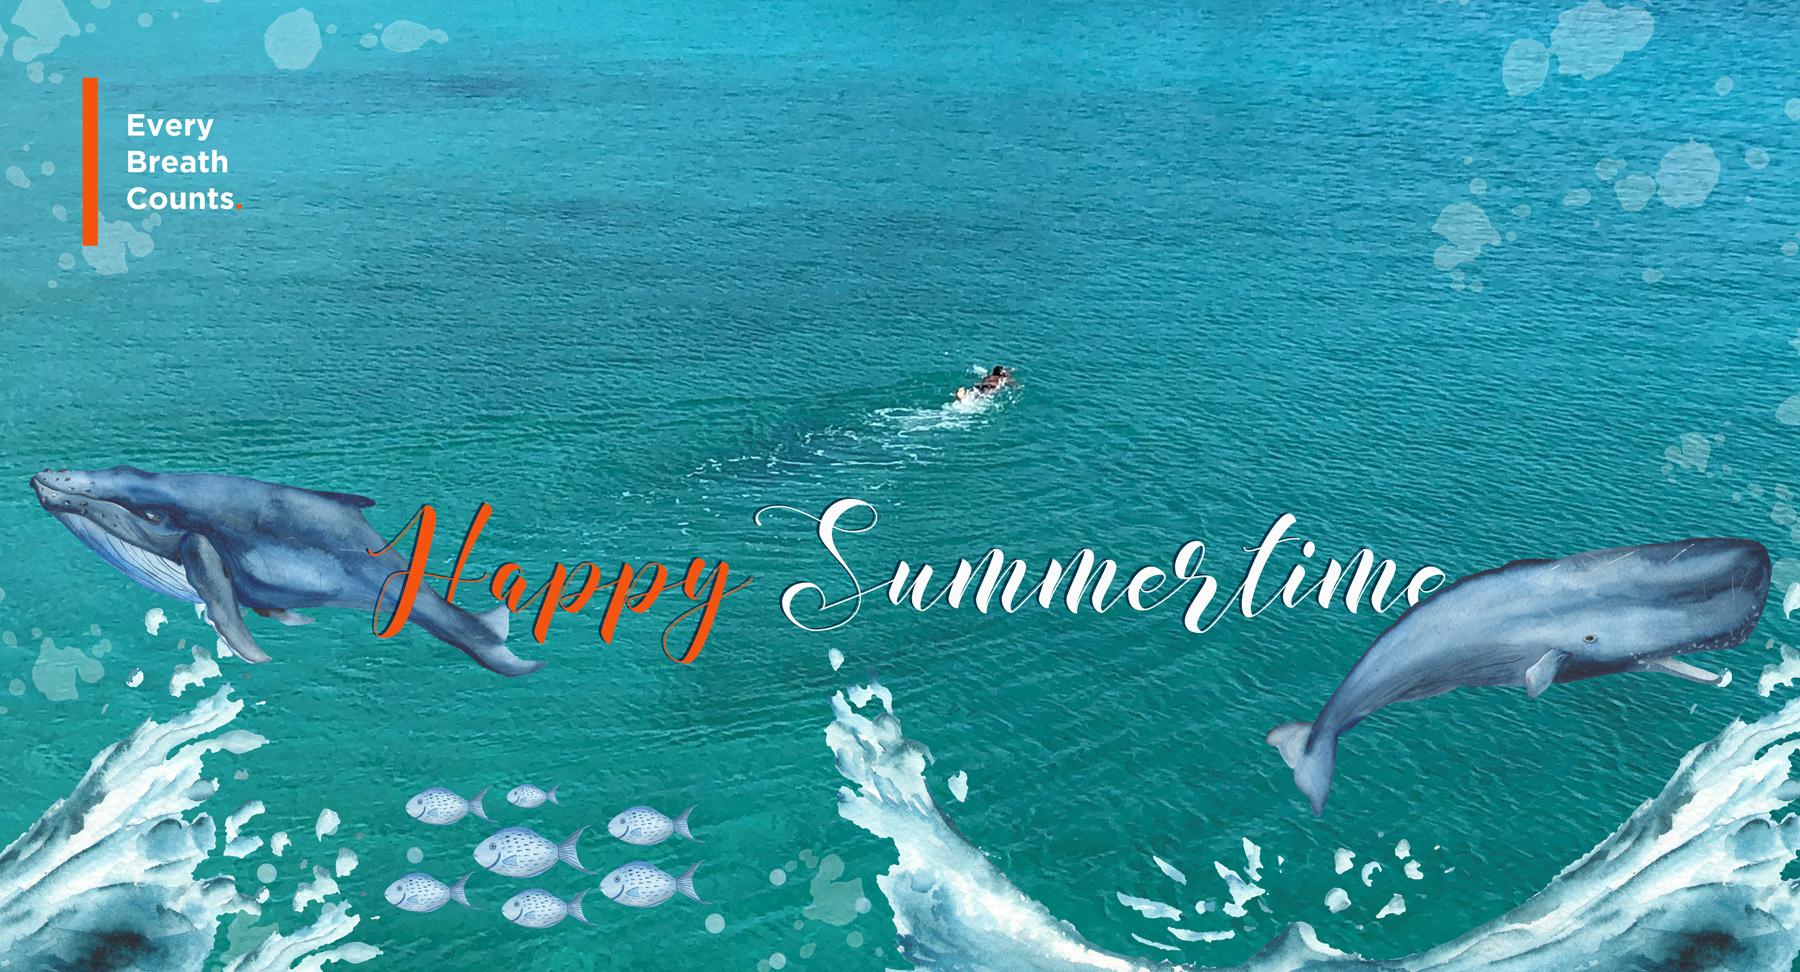 Happy Summertime!